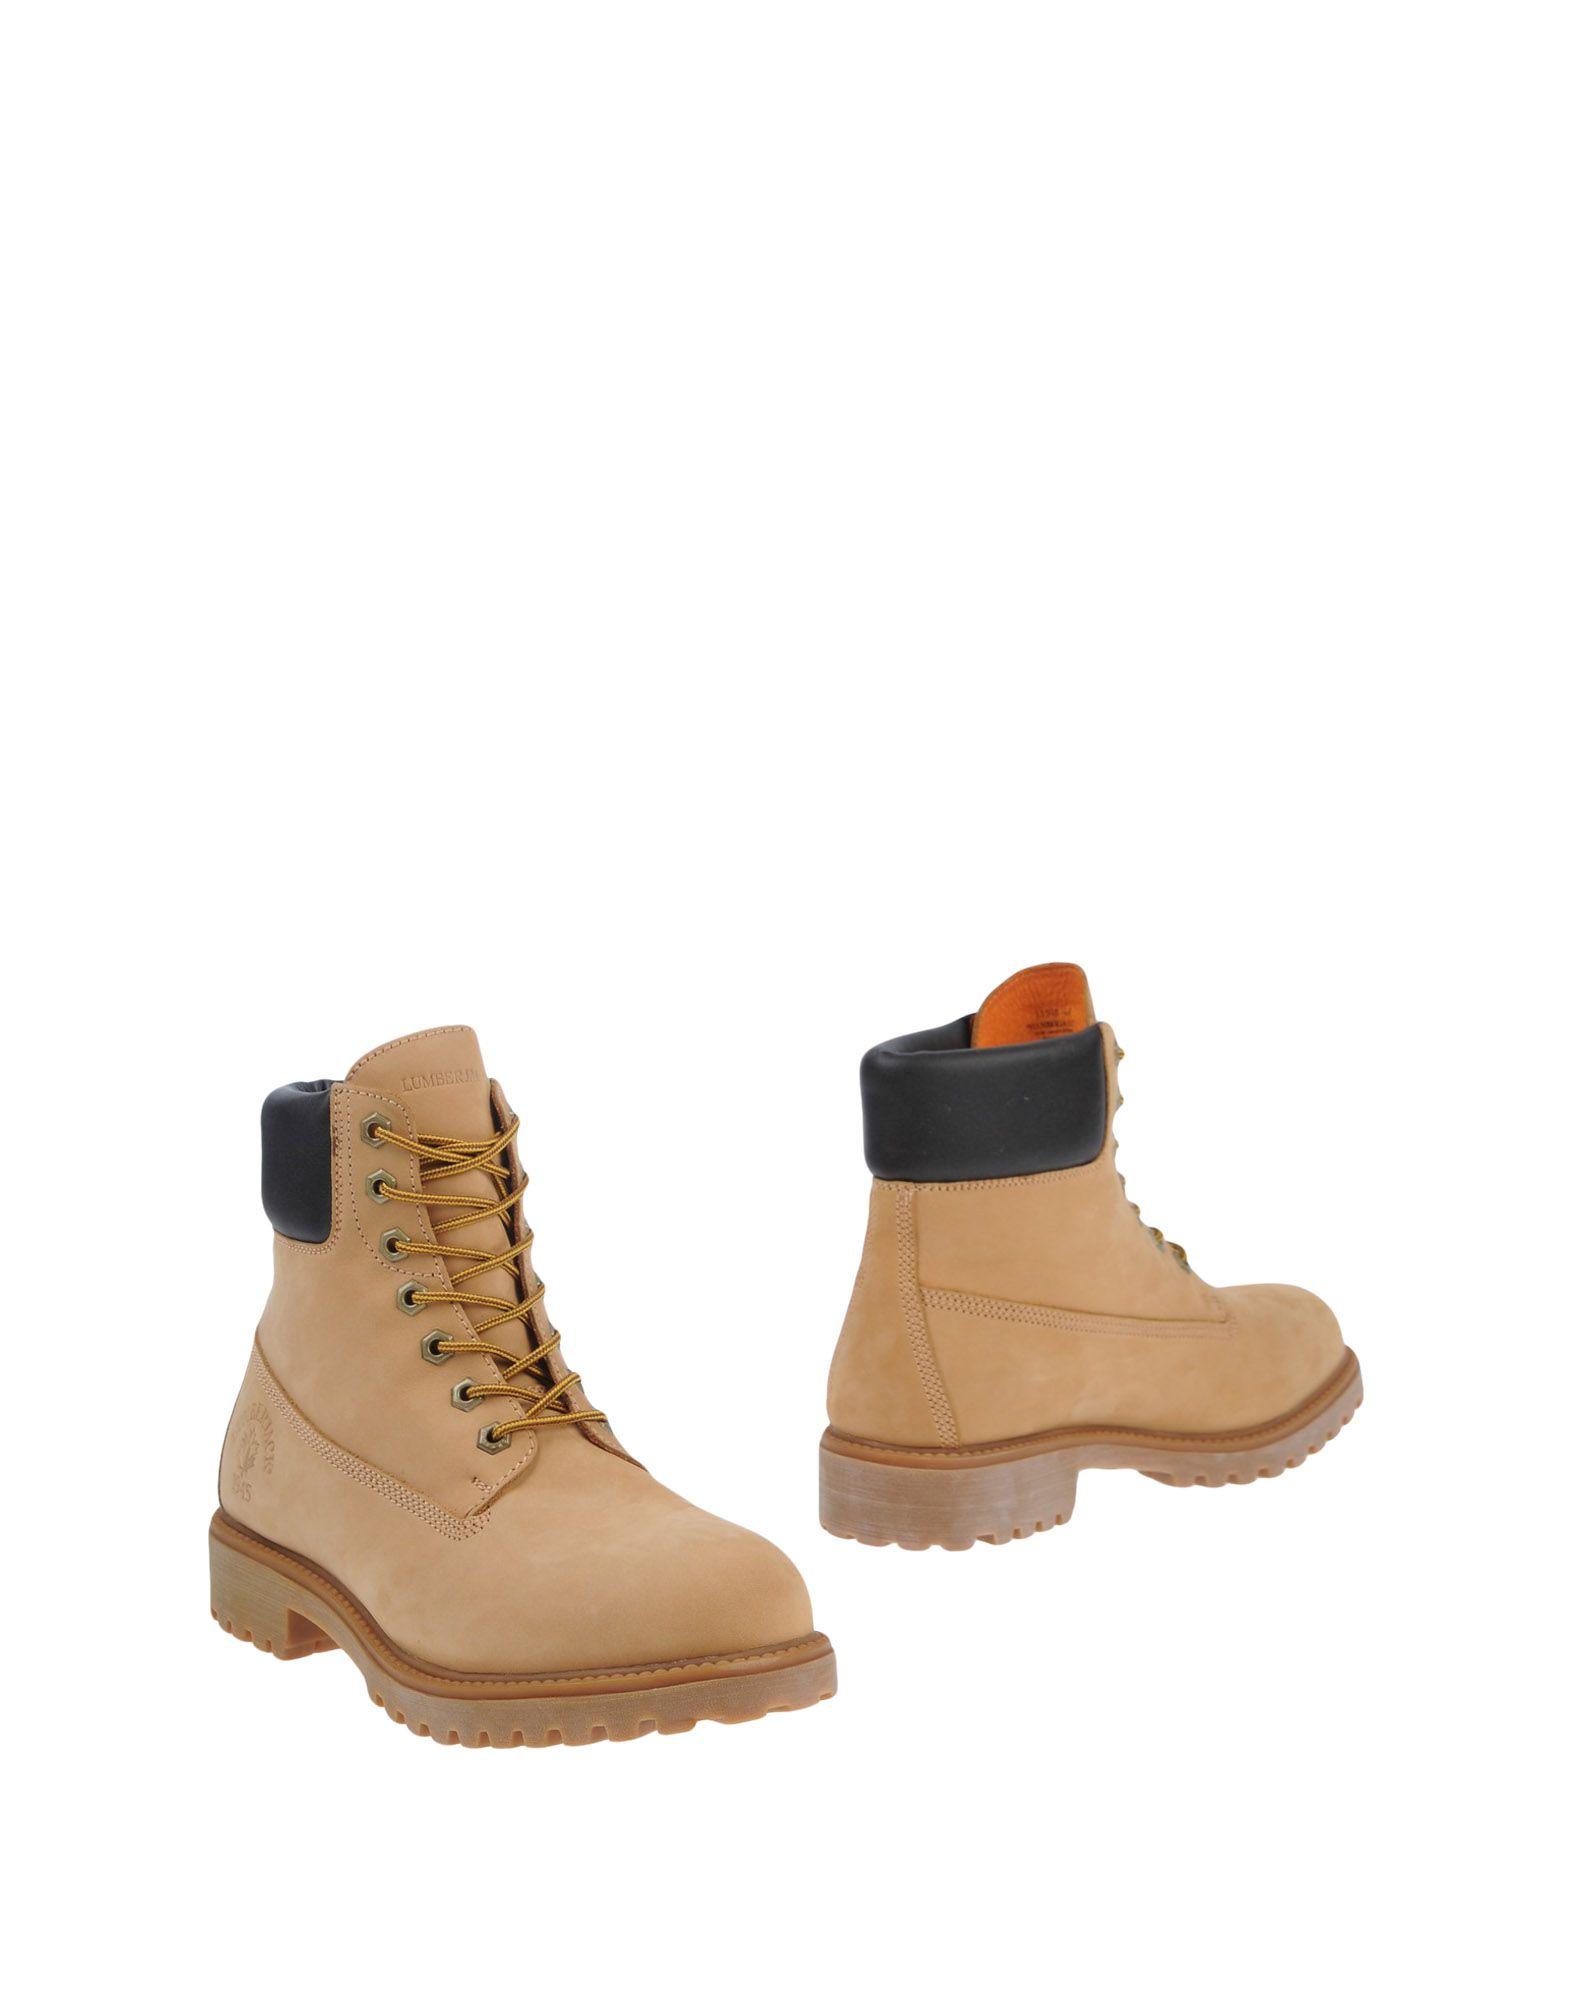 Scarpe economiche e resistenti Stivaletti Lumberjack Uomo - 11508501QR